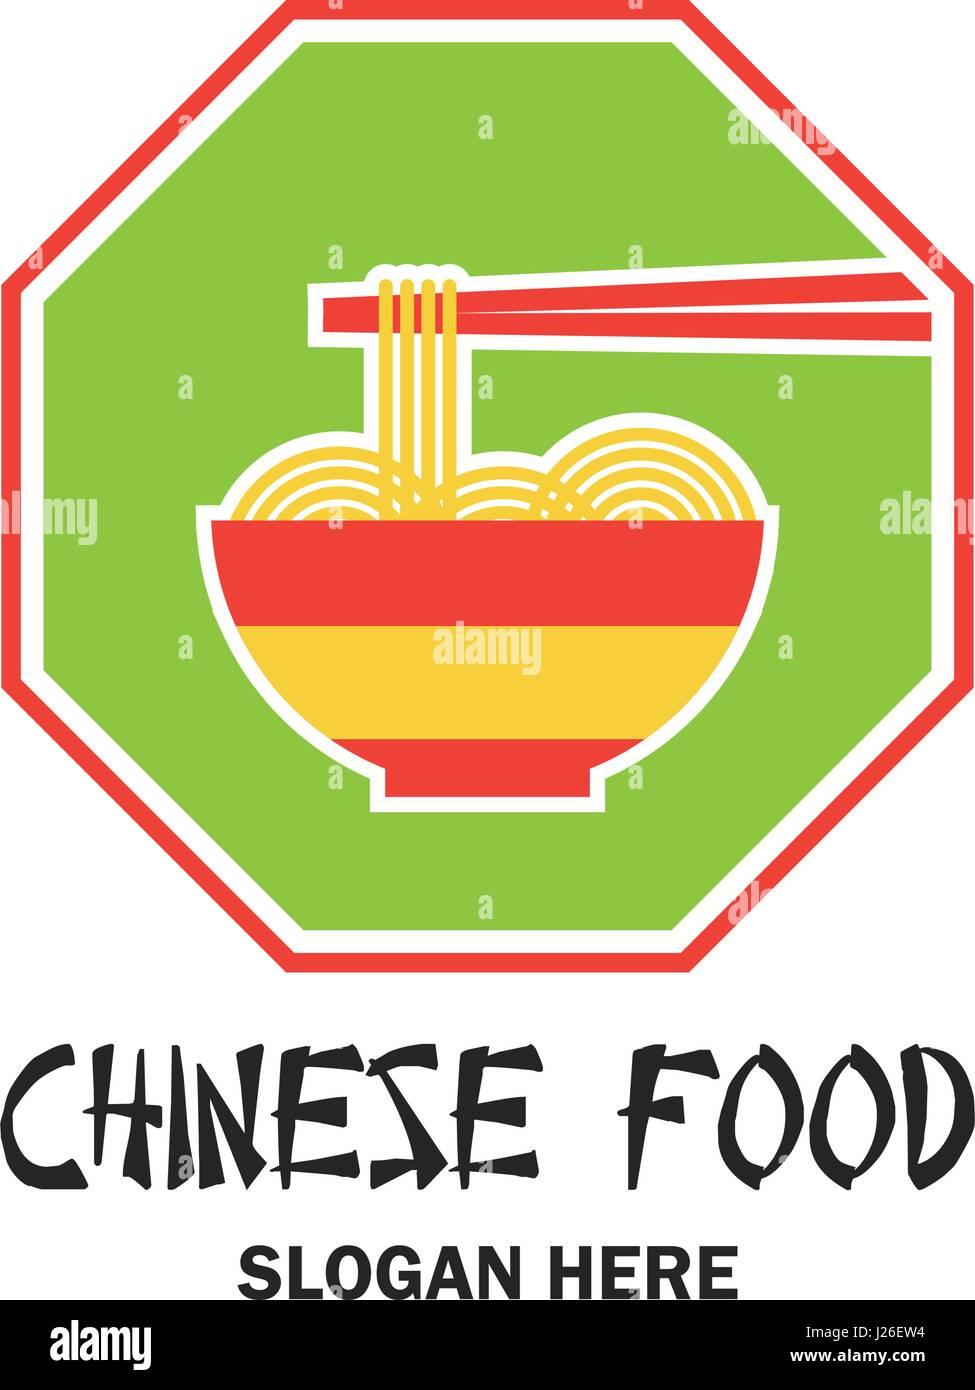 Food Slogan Imágenes De Stock & Food Slogan Fotos De Stock